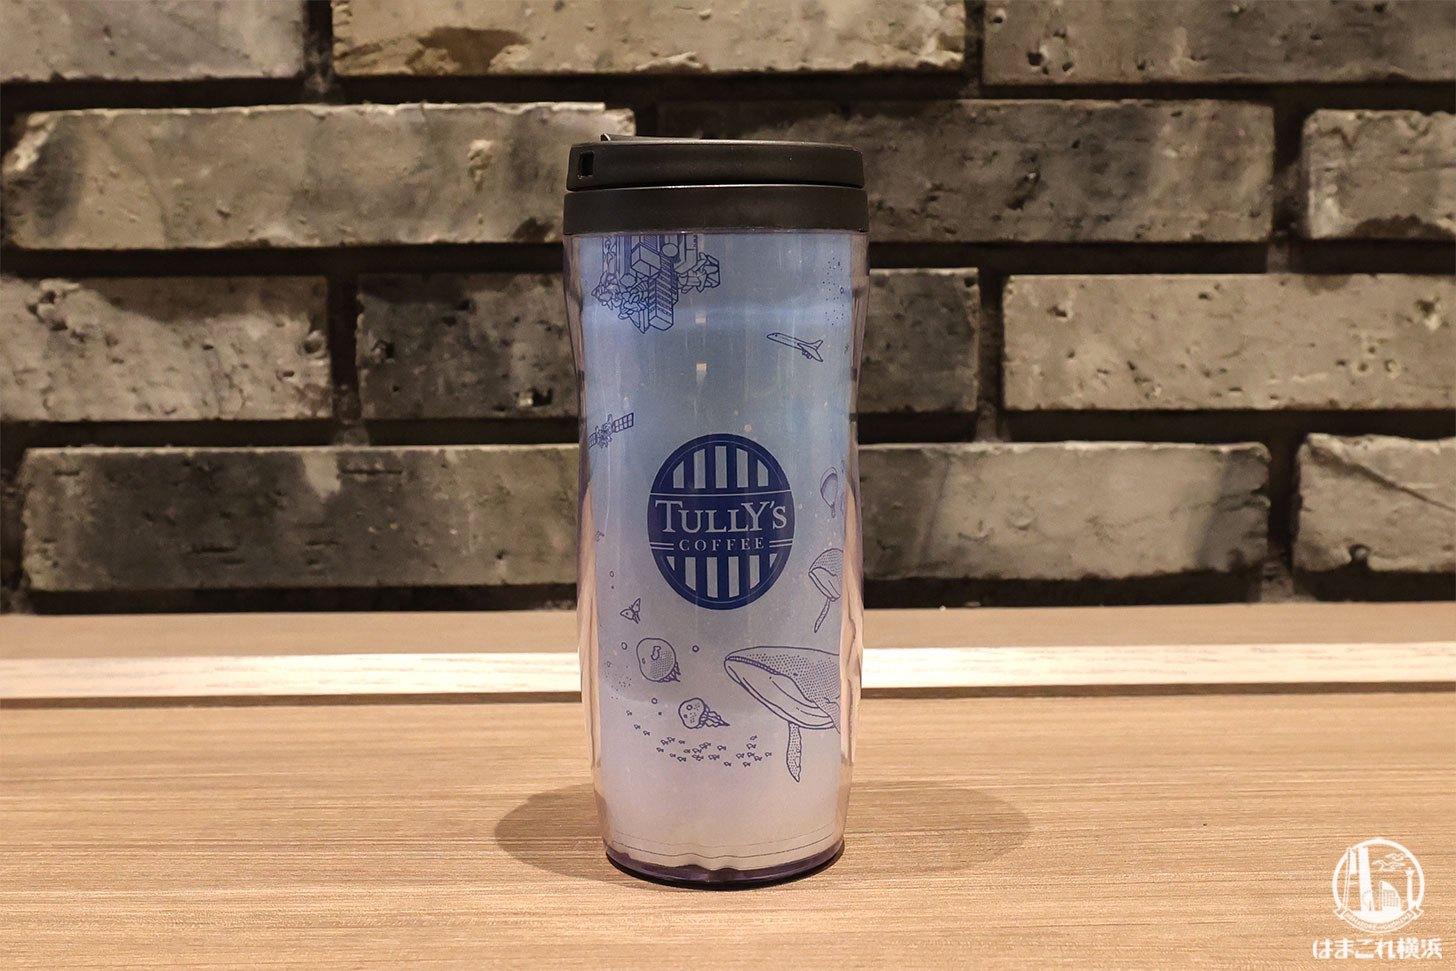 タリーズコーヒー・神奈川大学 コラボタンブラー